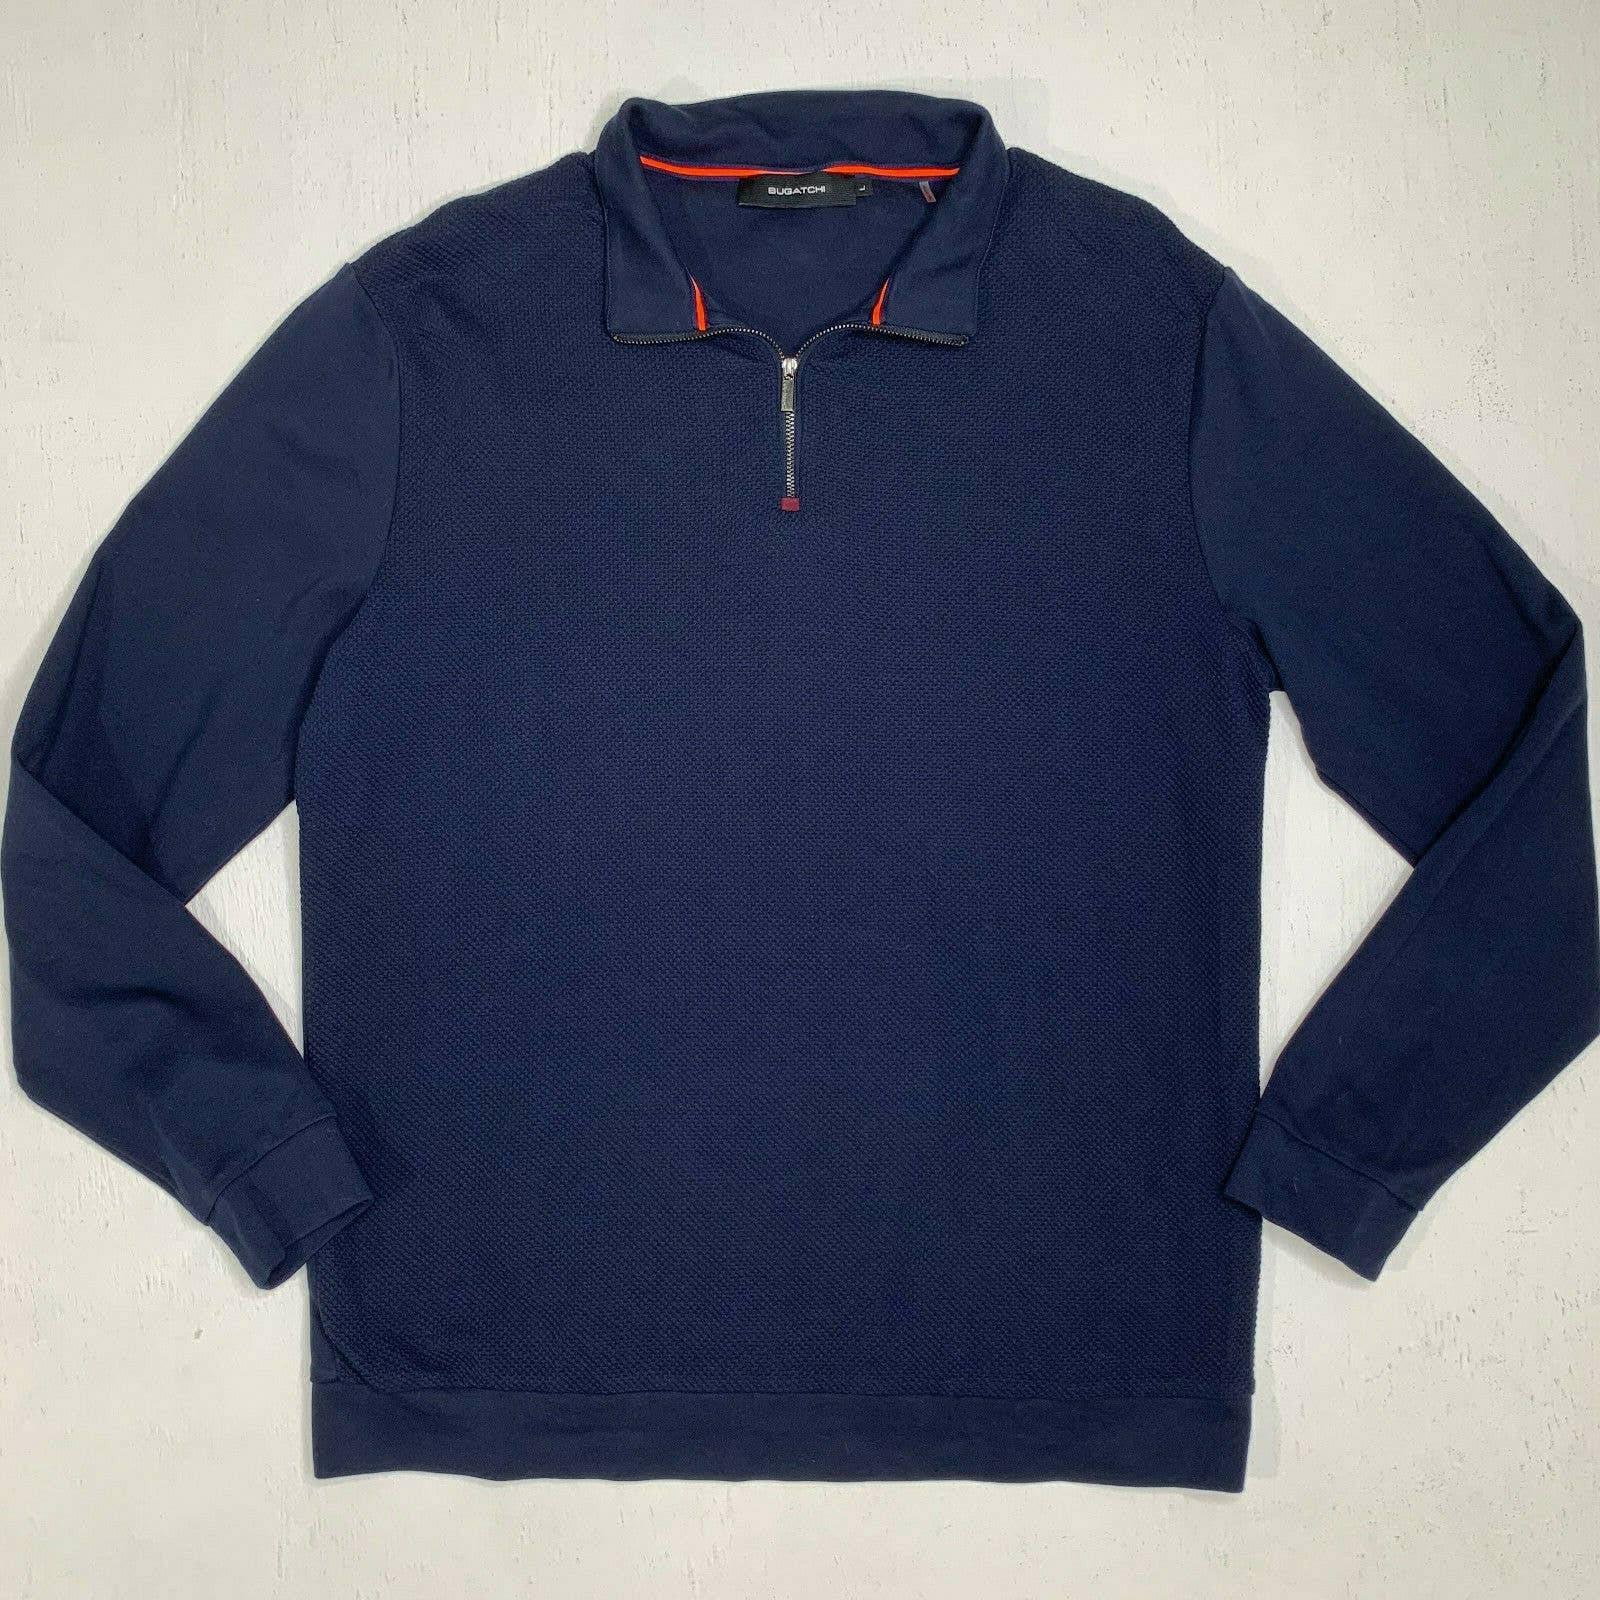 Bugatchi Shirt 1/4 Zip Texture Navy Blue